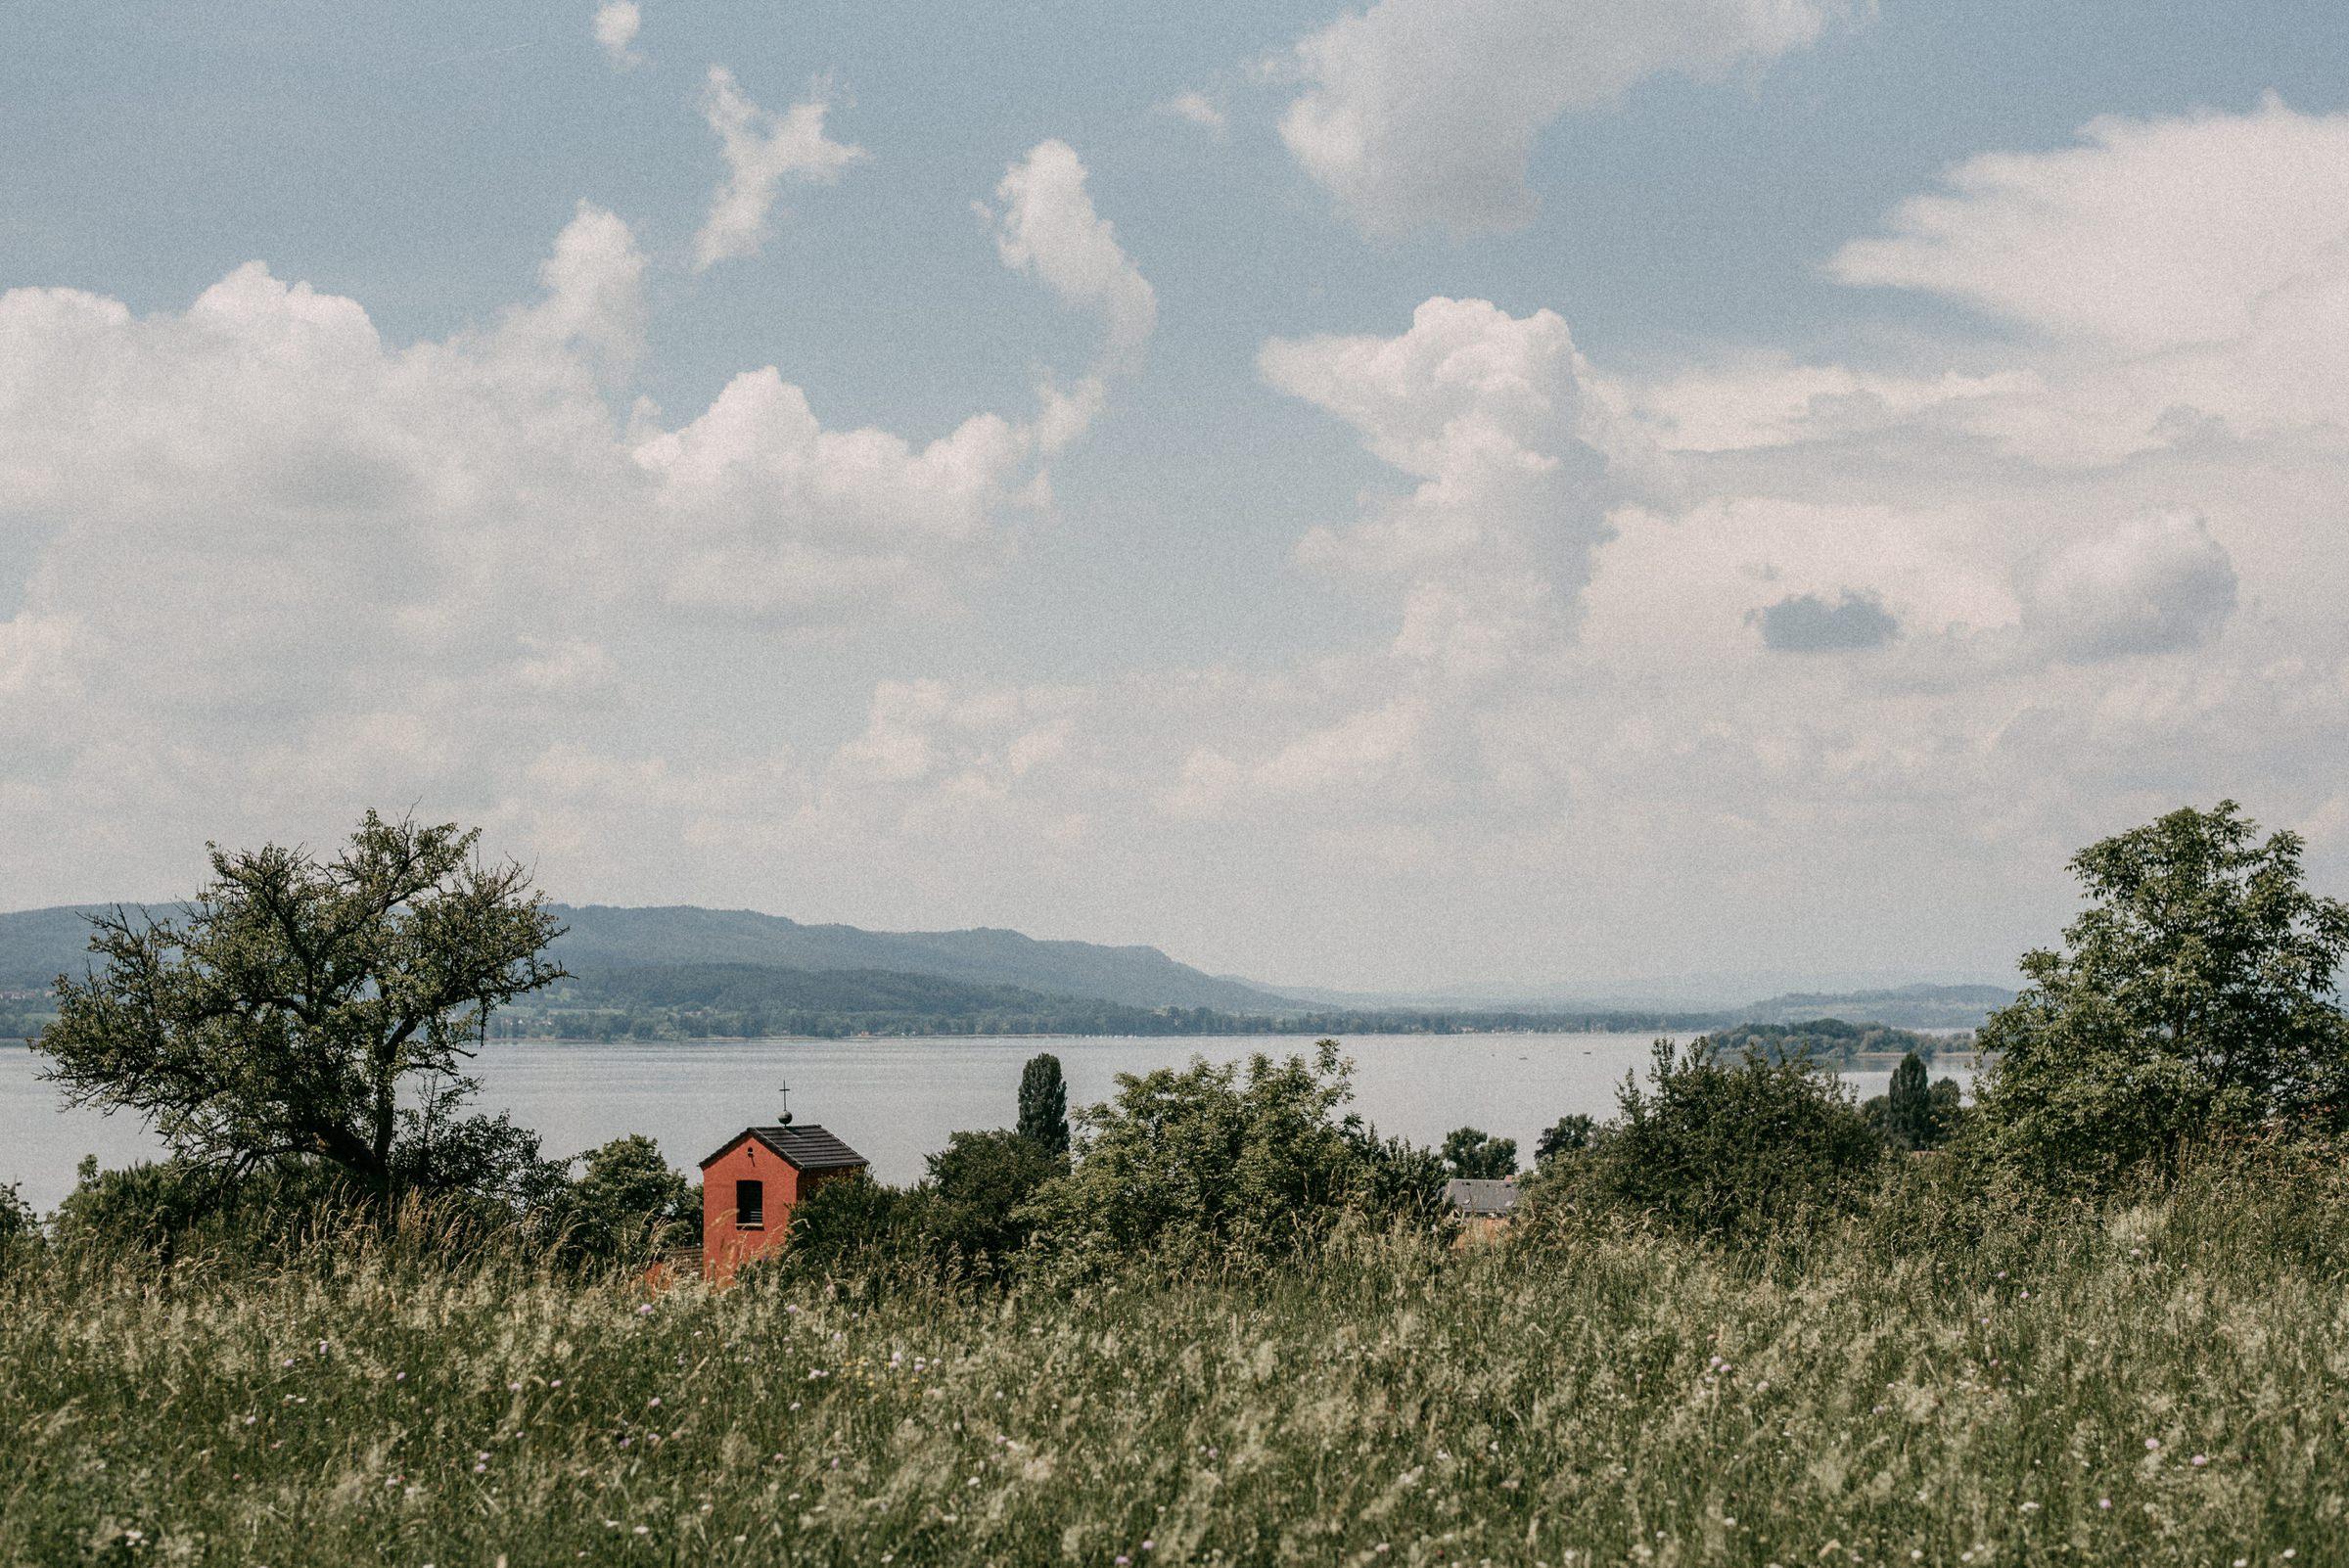 Hochzeitsfotograf Bodensee, Hochzeitsreportage Bodensee, Hochzeitsfotograf Deutschland, Bildpoeten